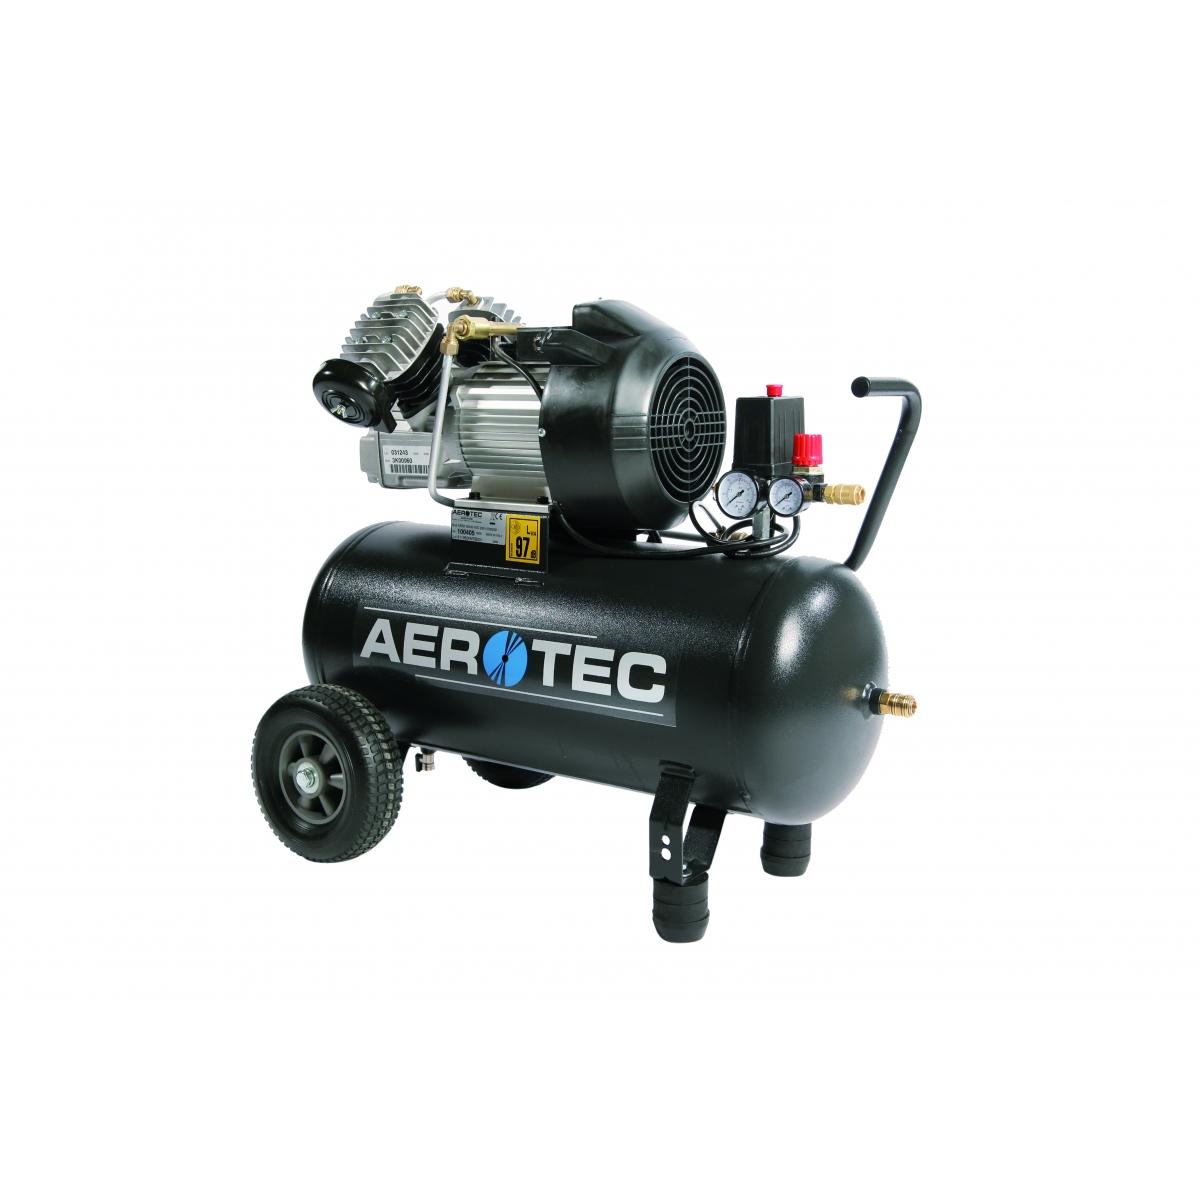 aerotec druckluft kompressor kolbenkompressor lgeschmiert 230 volt. Black Bedroom Furniture Sets. Home Design Ideas